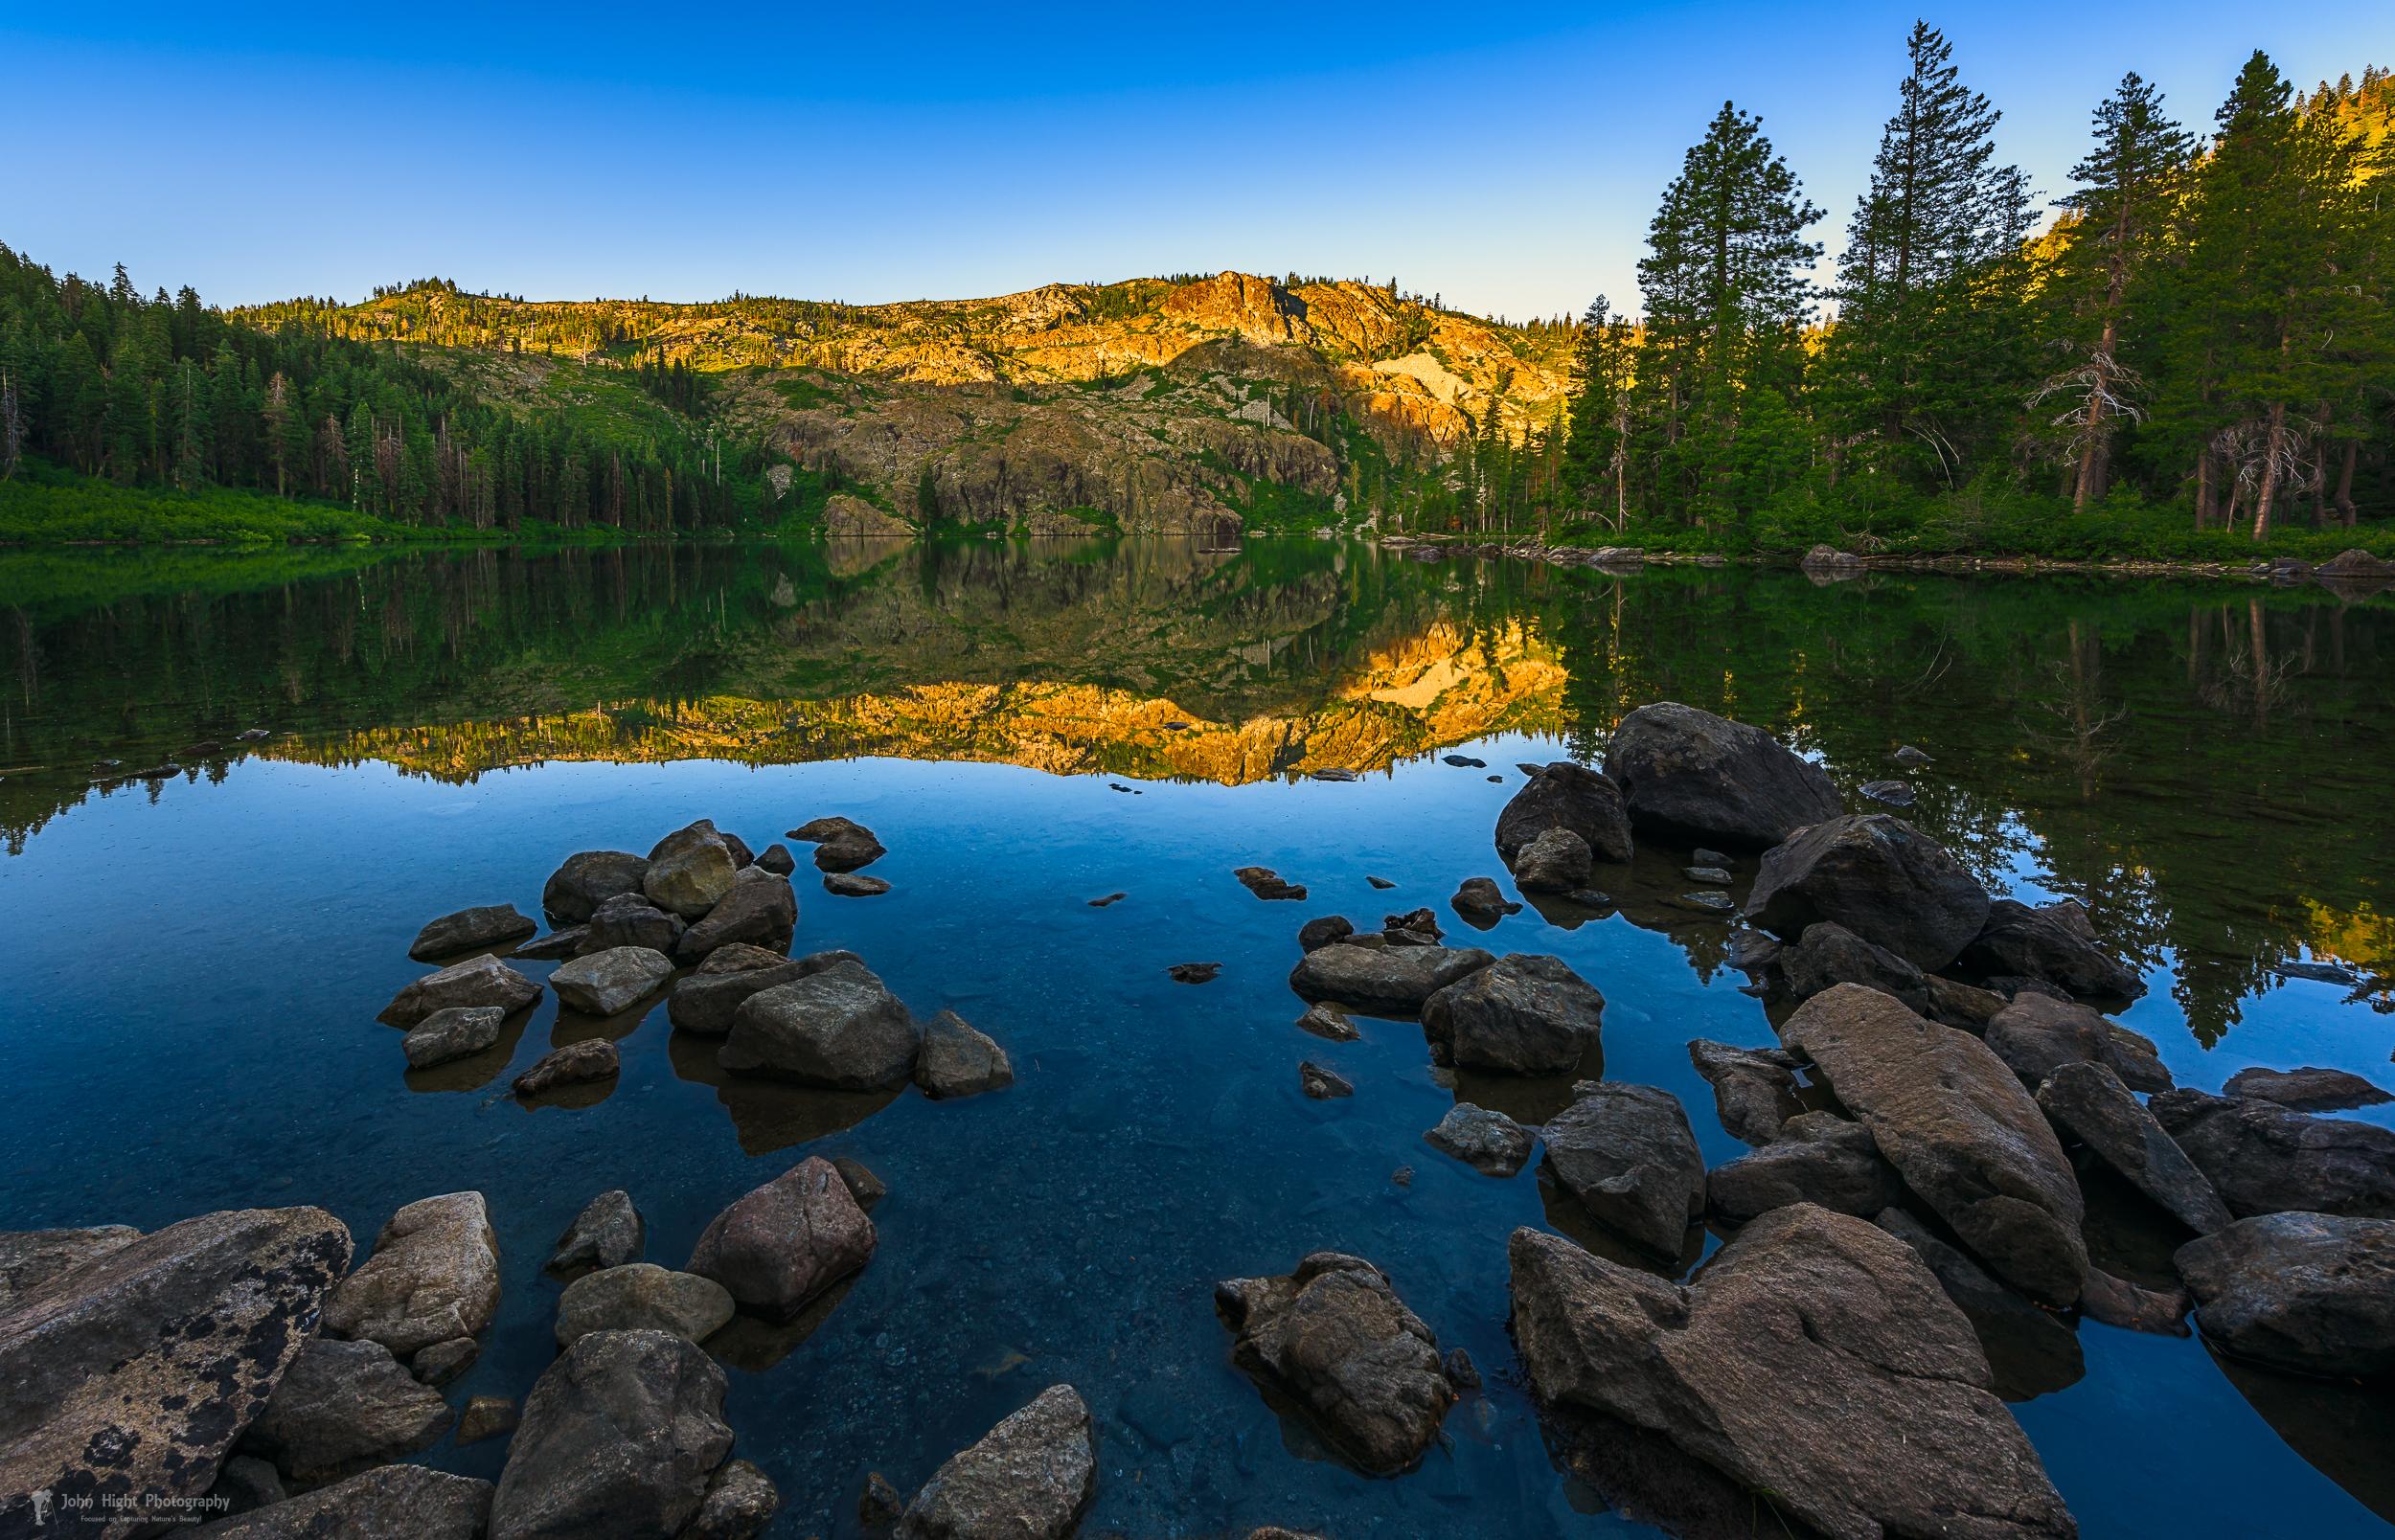 Morning Reflection on Castle Lake